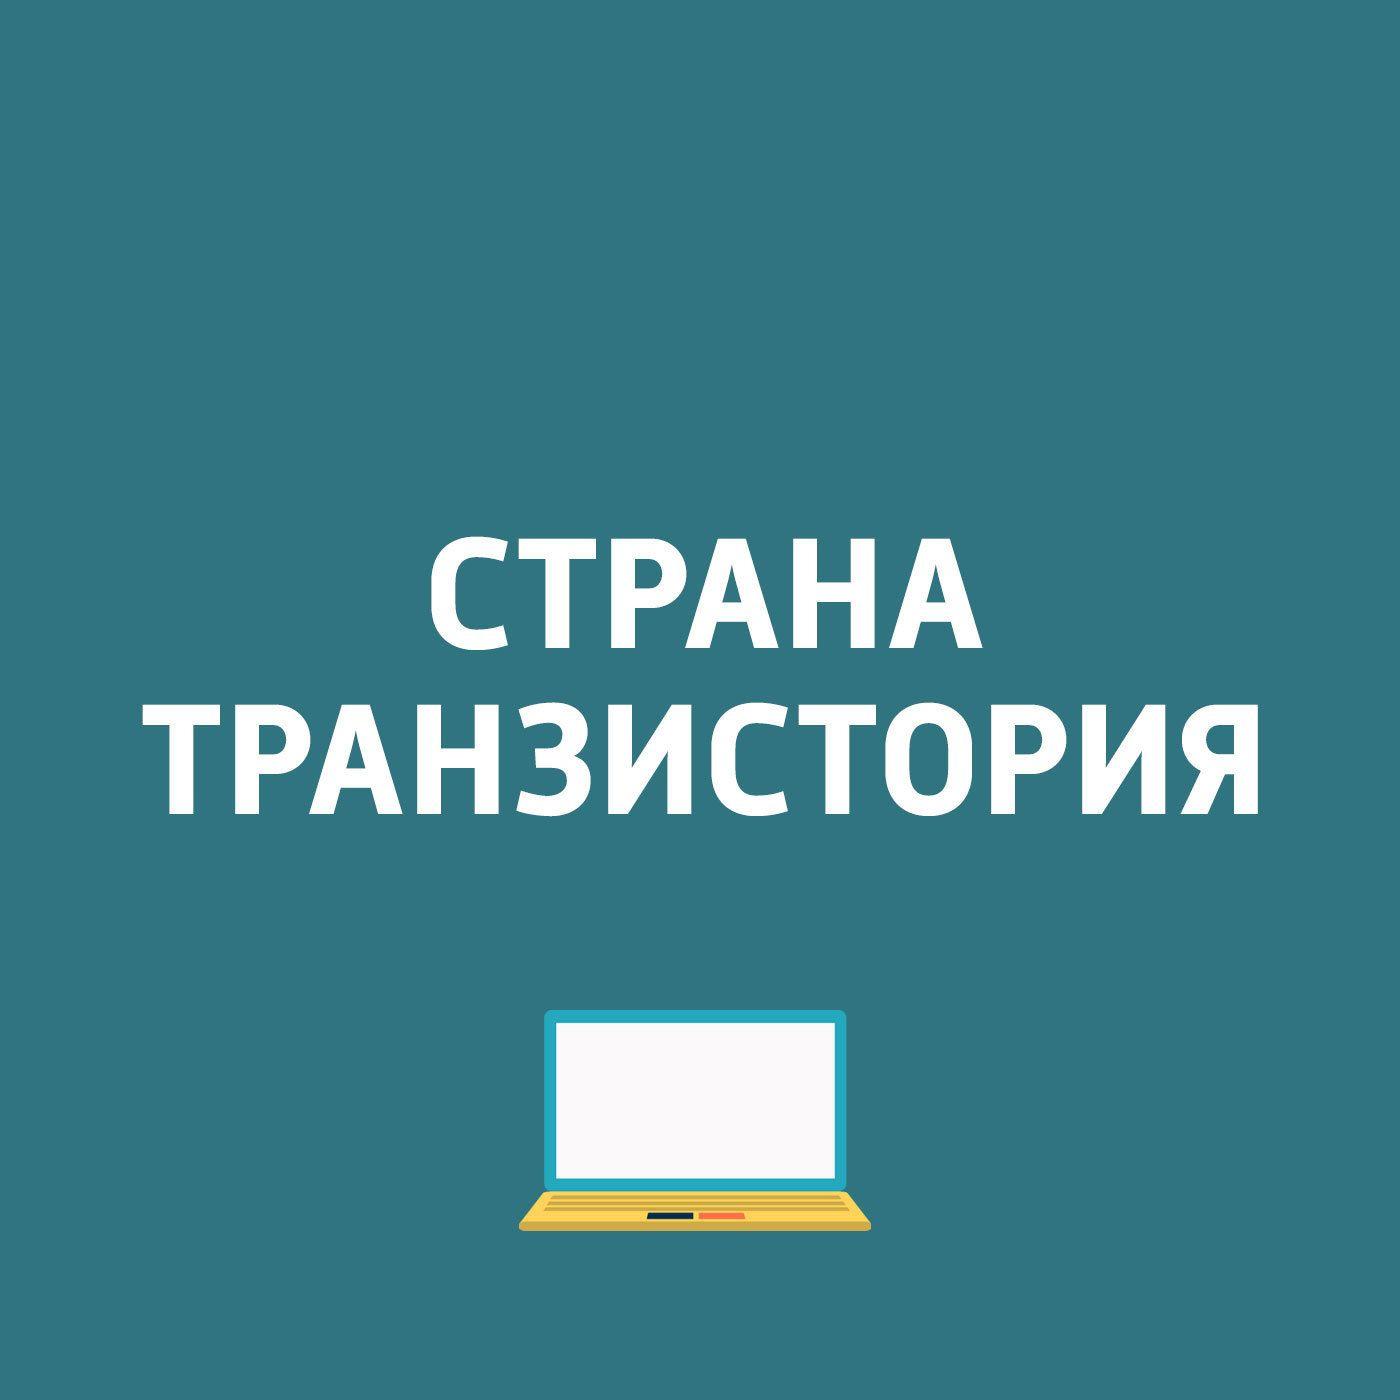 Картаев Павел Социальная сеть MeWe картаев павел hmd global выпустила смартфон nokia 8 eset обнаружила вирус для устройств на андроиде